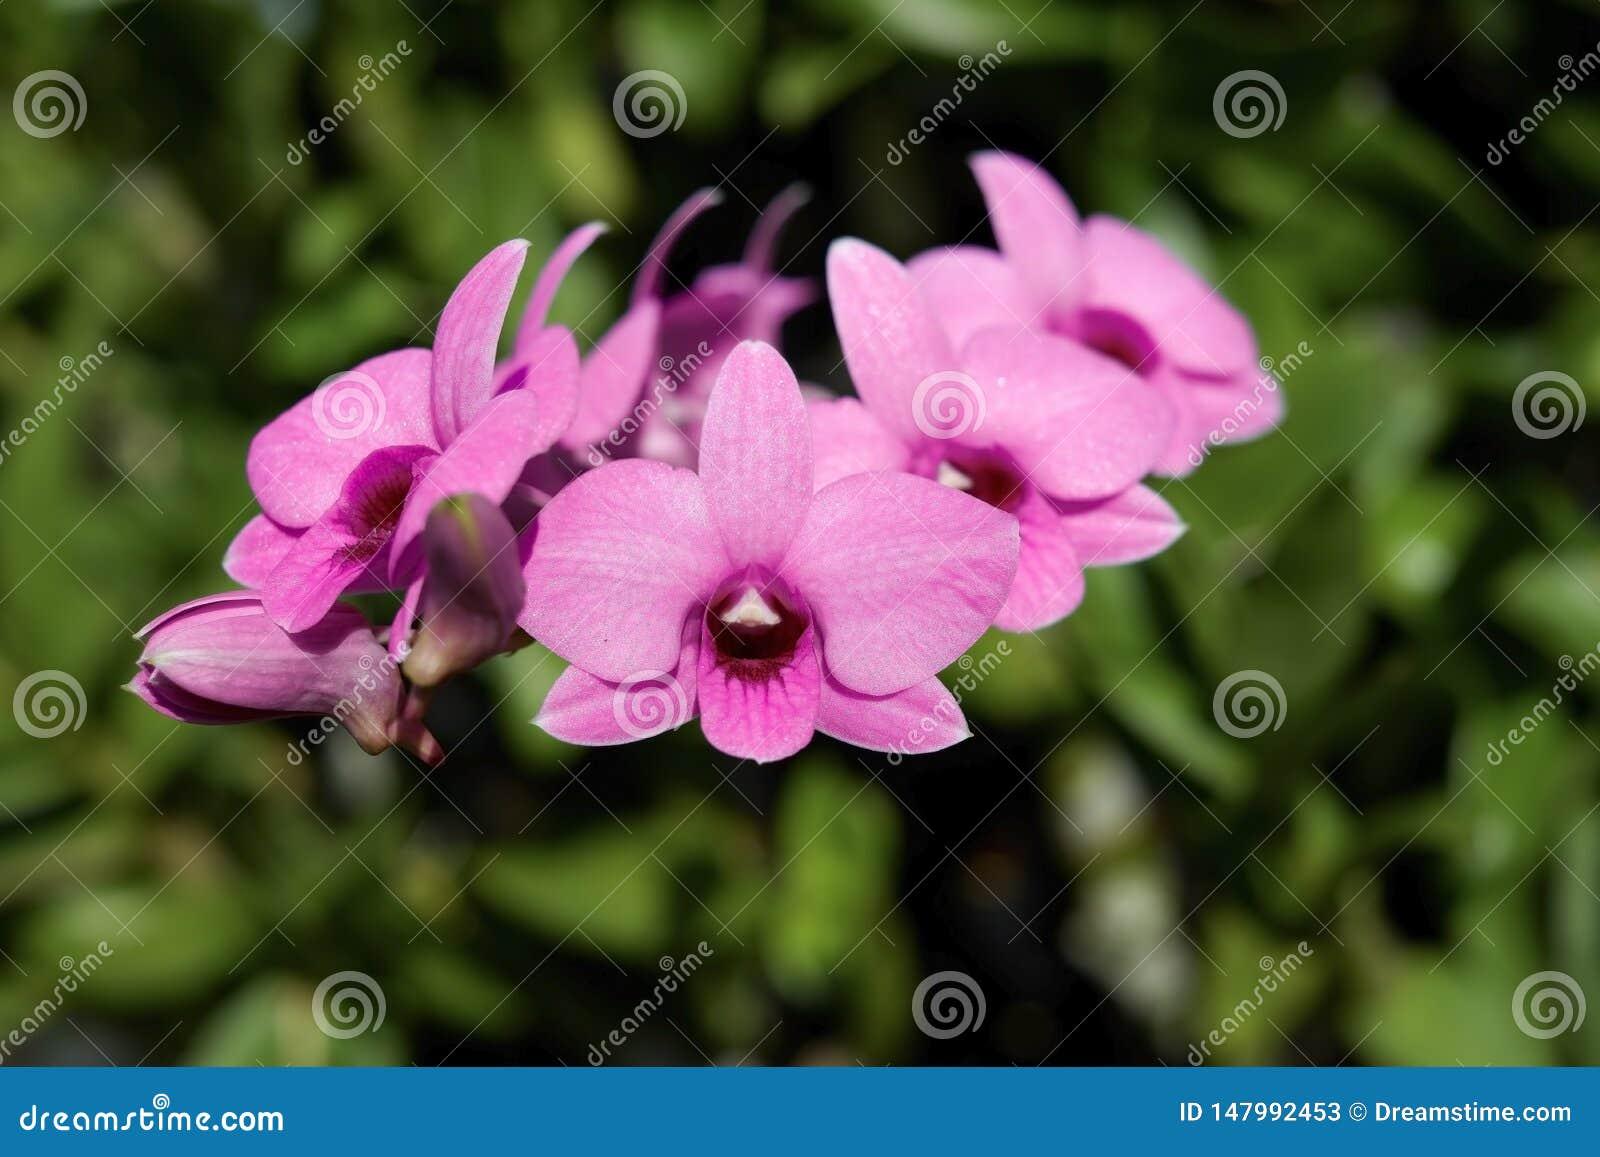 Орхидея, орхидеи, предпосылка, пинк, белый, цветок